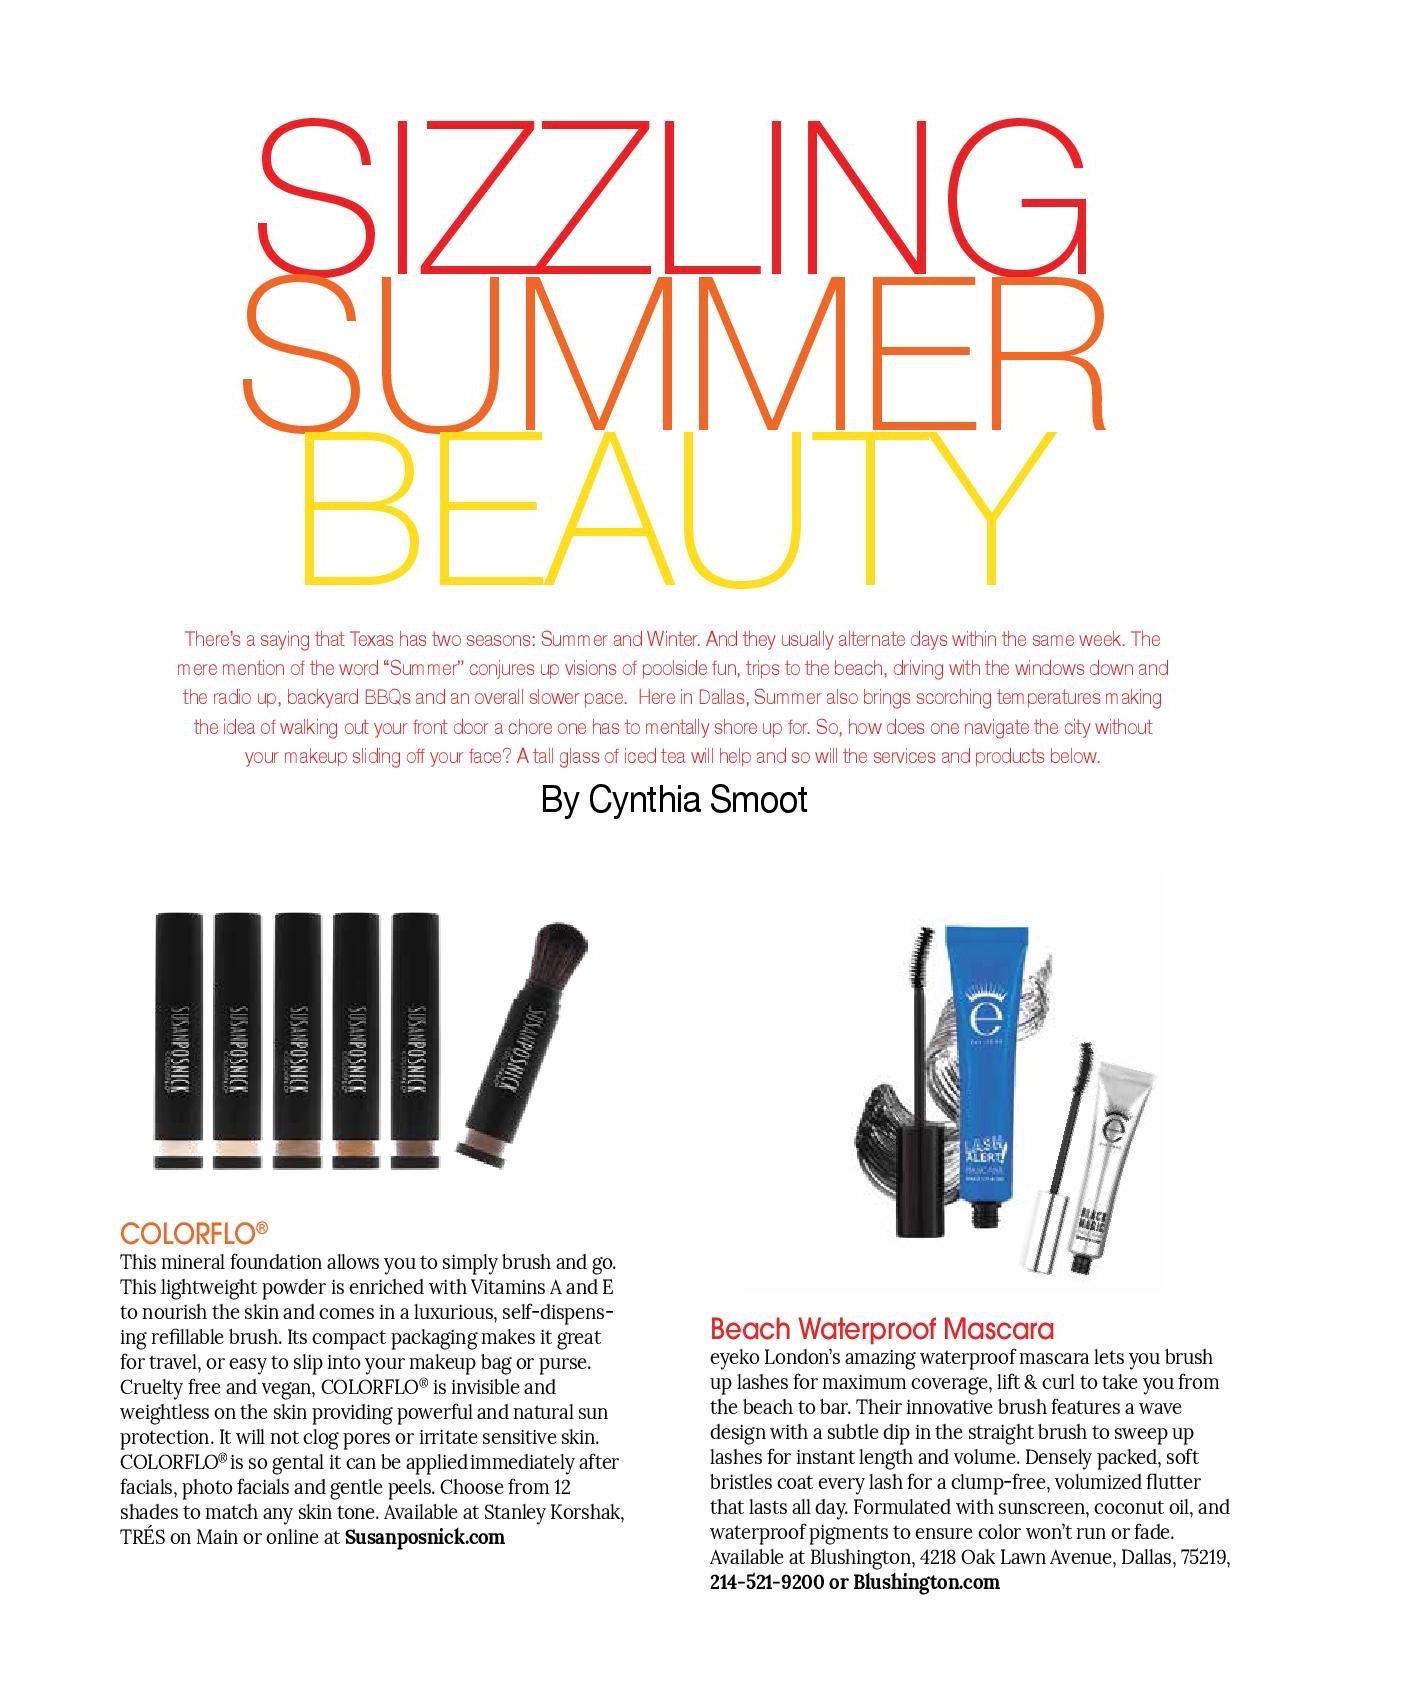 Summer Beauty530-page-001.jpeg